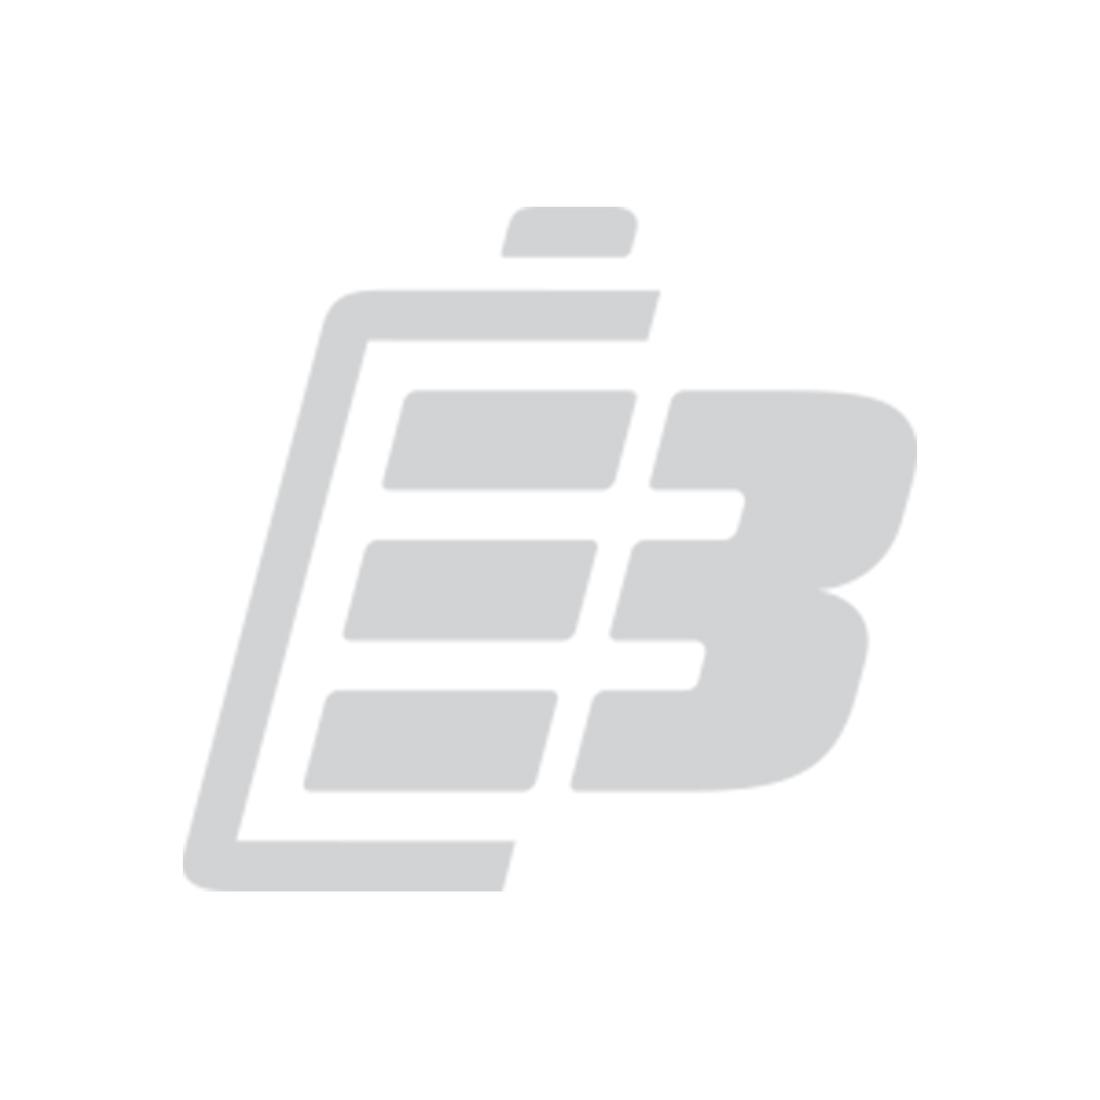 Μπαταρία φωτογραφικής μηχανής Sony NP-FW50_1